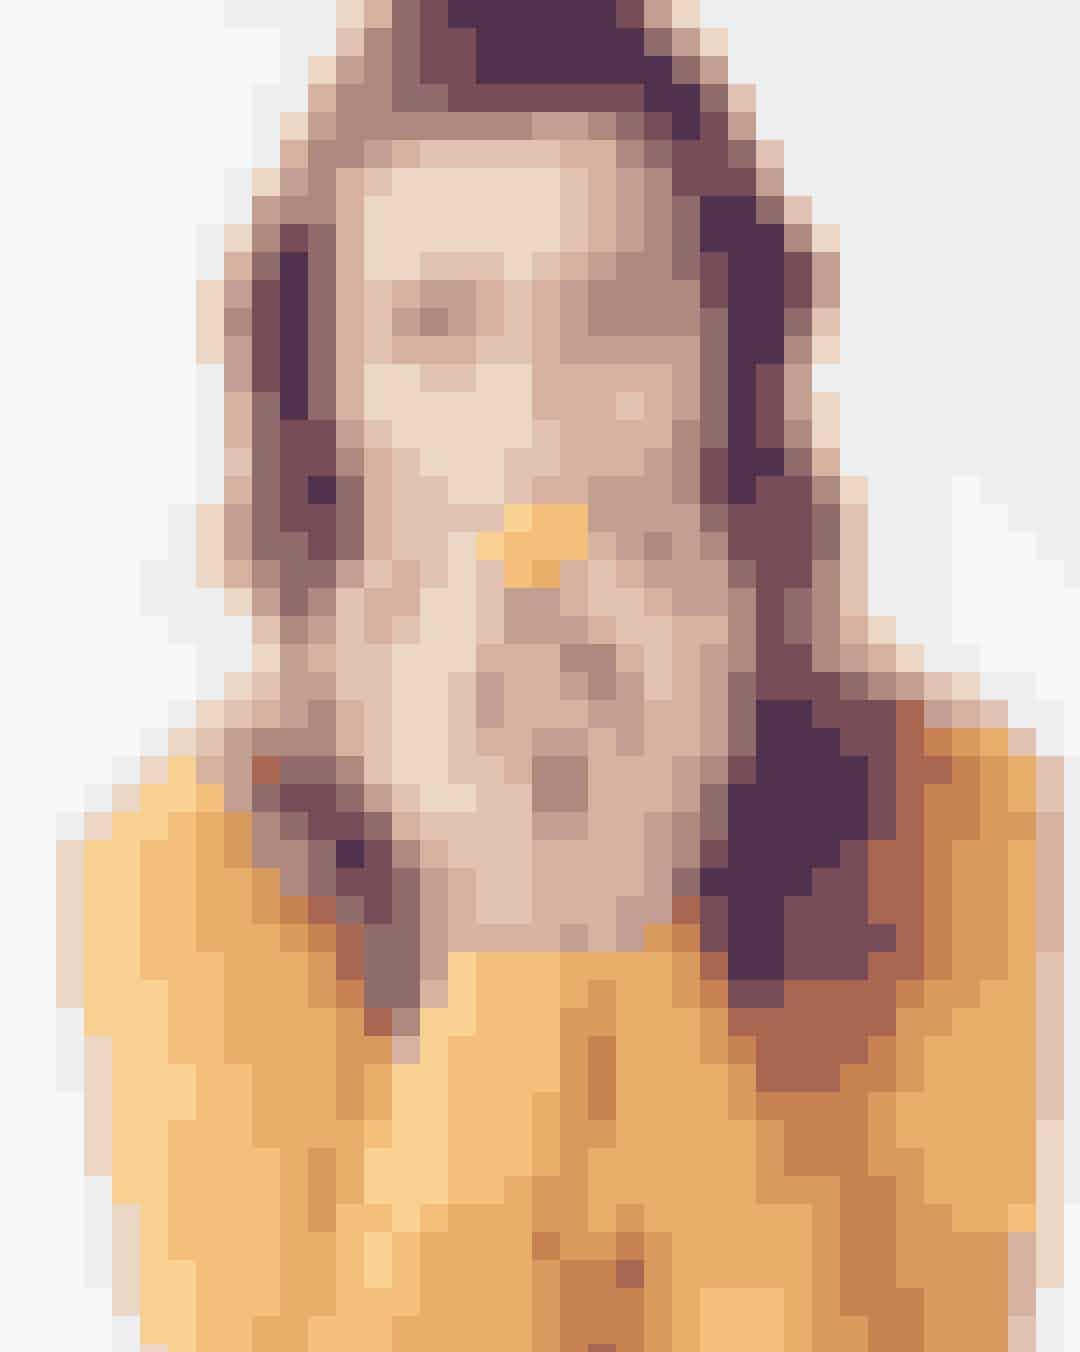 Åh, du danske sommer! Endelig er sommerferien nær, og hvad enten du skal på stranden, på storbyferie eller være derhjemme, har vi samlet sæsonens fineste køb, som gør din sommer mere stilfuld. Du skal fx gå all-in på sæsonens gule og orange referencer og prints med appelsiner og citroner.